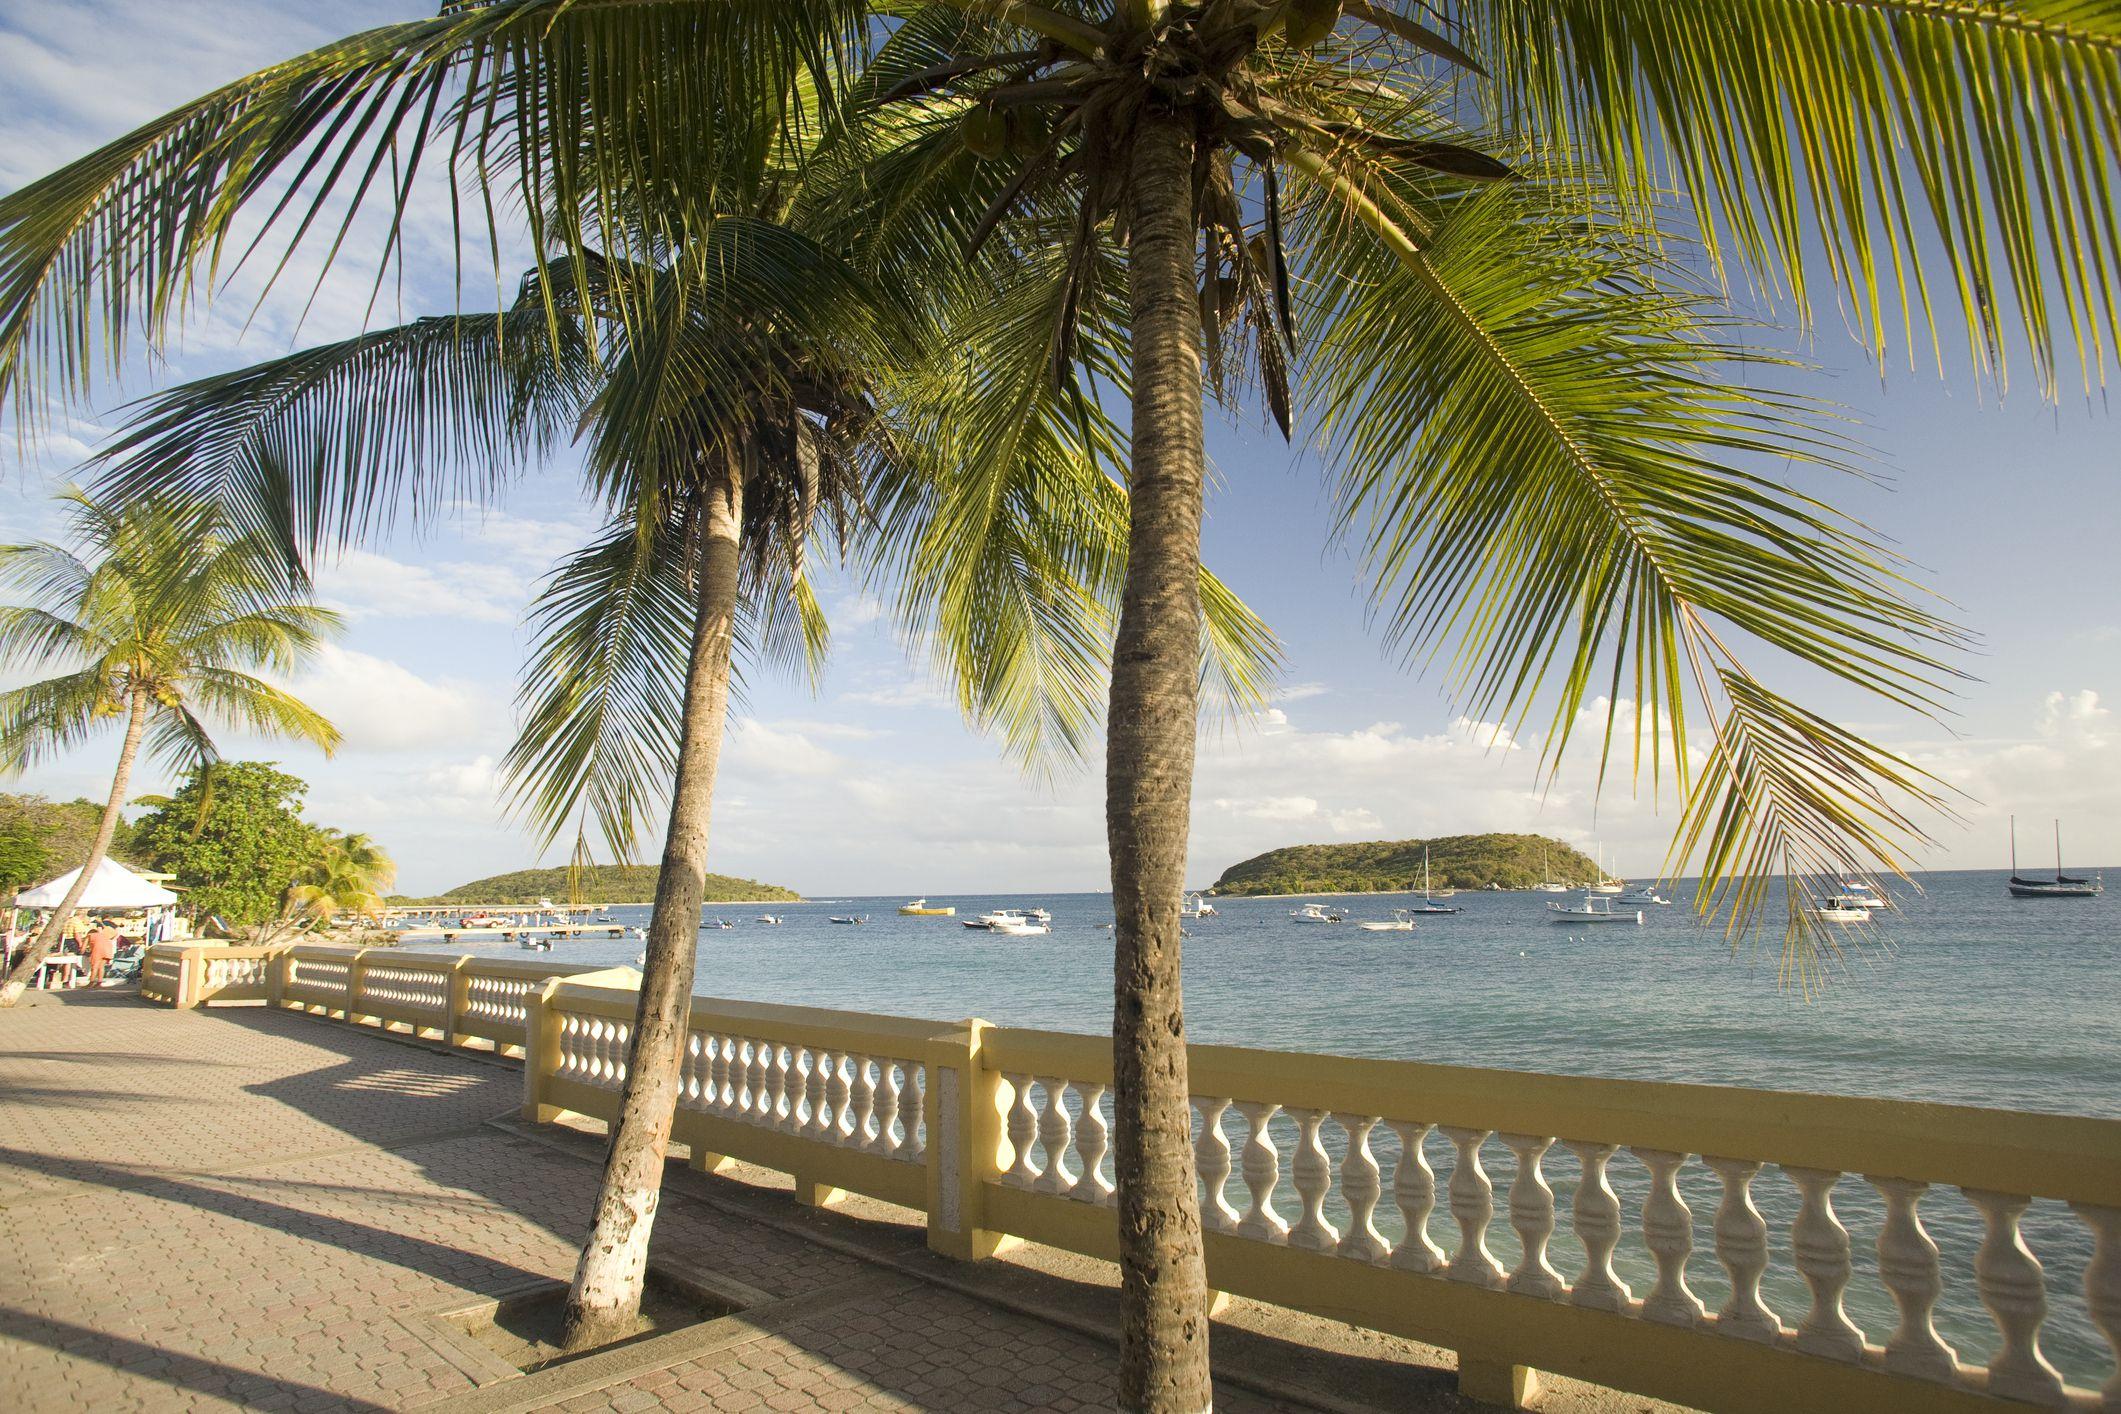 Palm trees and promenade in Esperanza